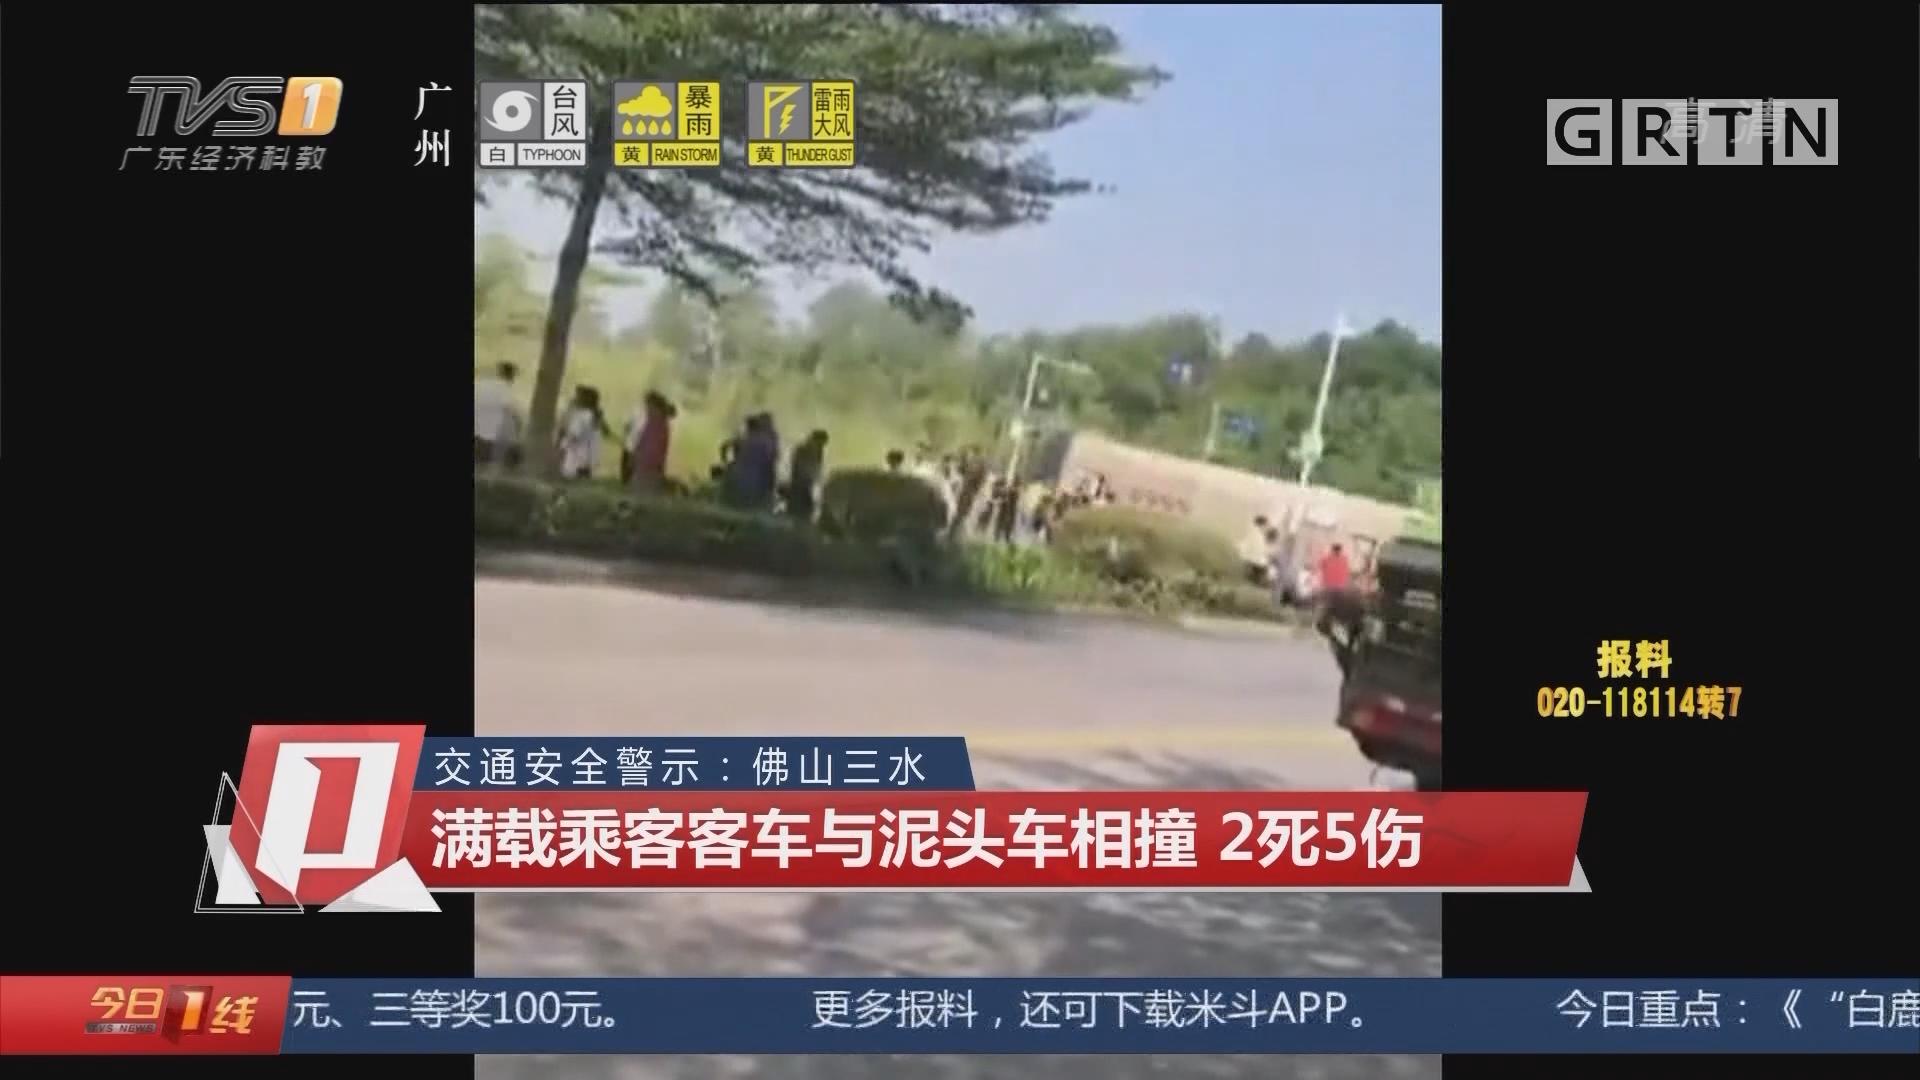 交通安全警示:佛山三水 满载乘客客车与泥头车相撞 2死5伤